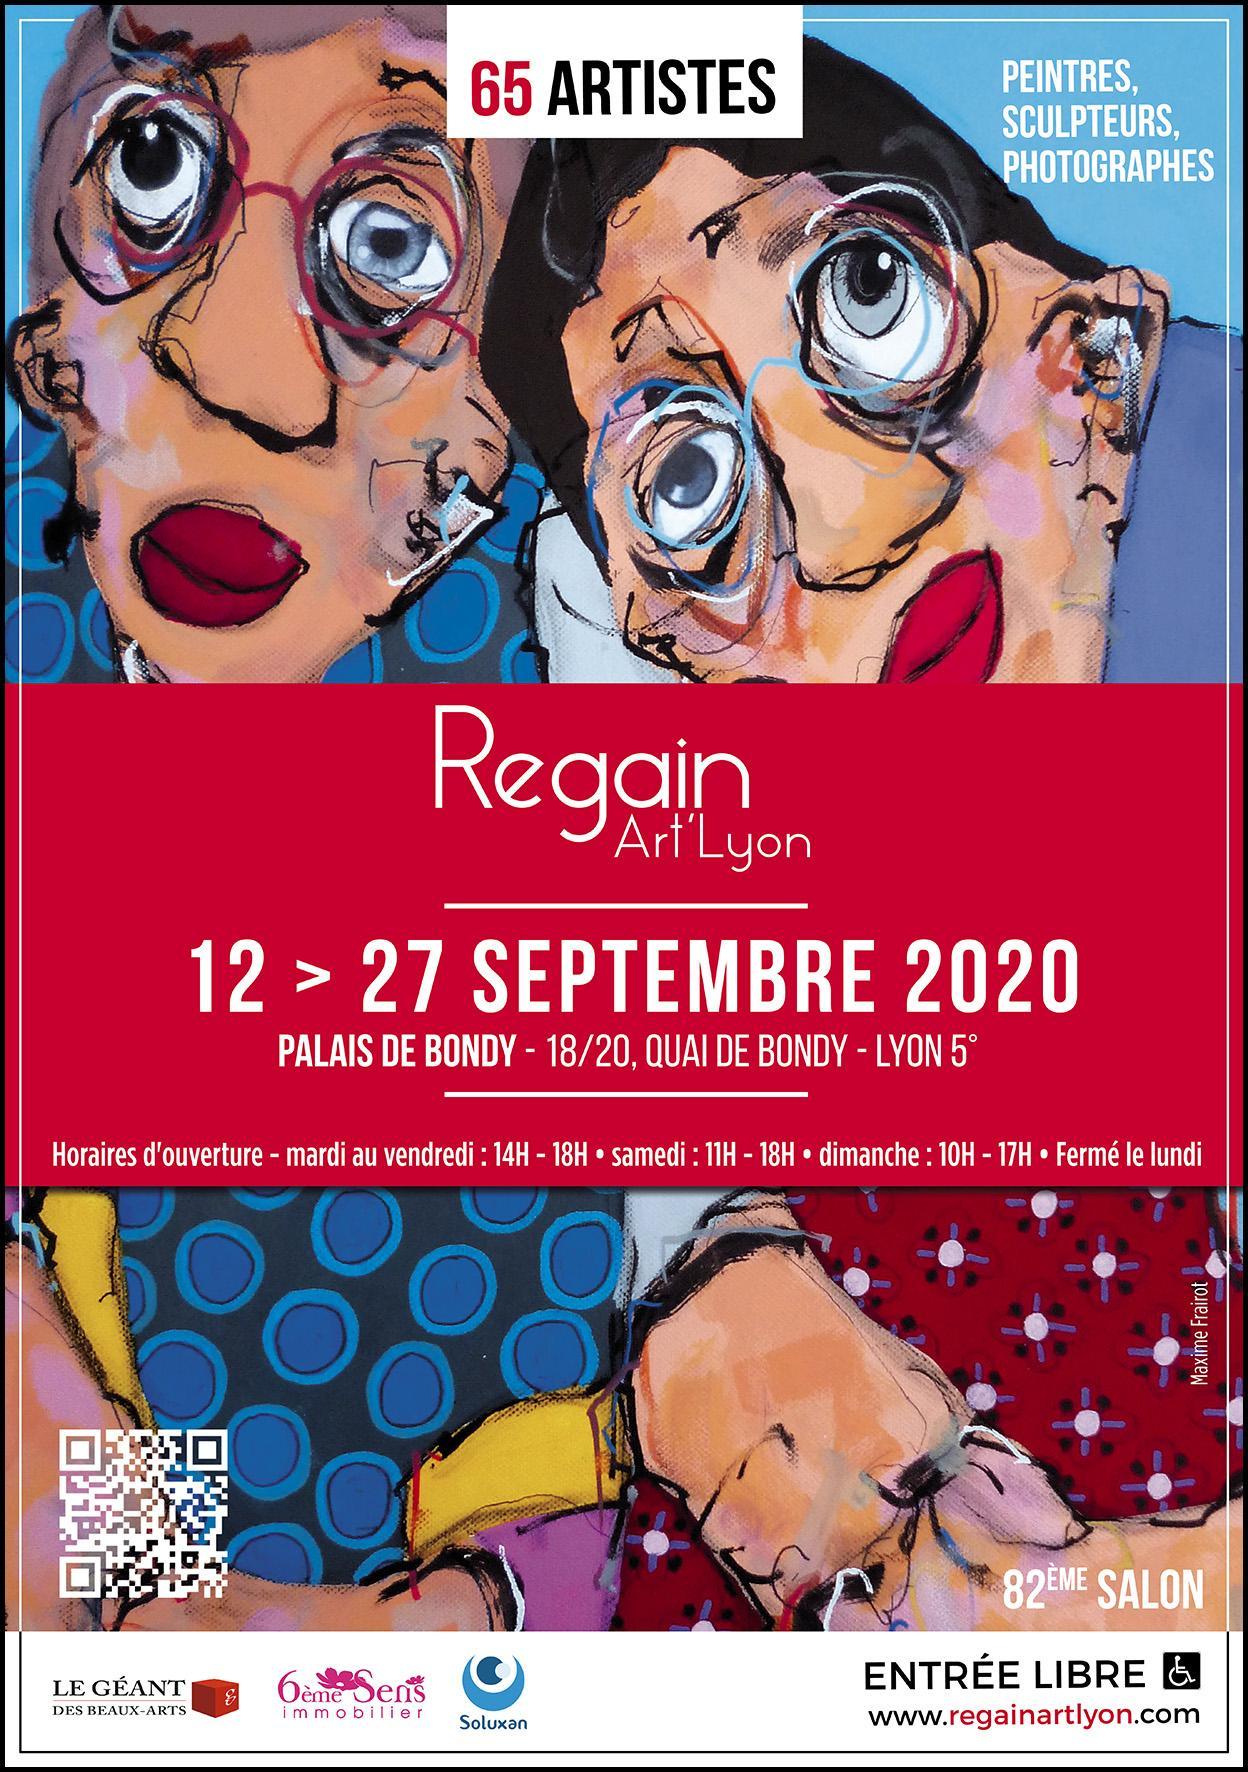 AFFICHE REGAIN ART'LYON 2020 A TELECHARGER